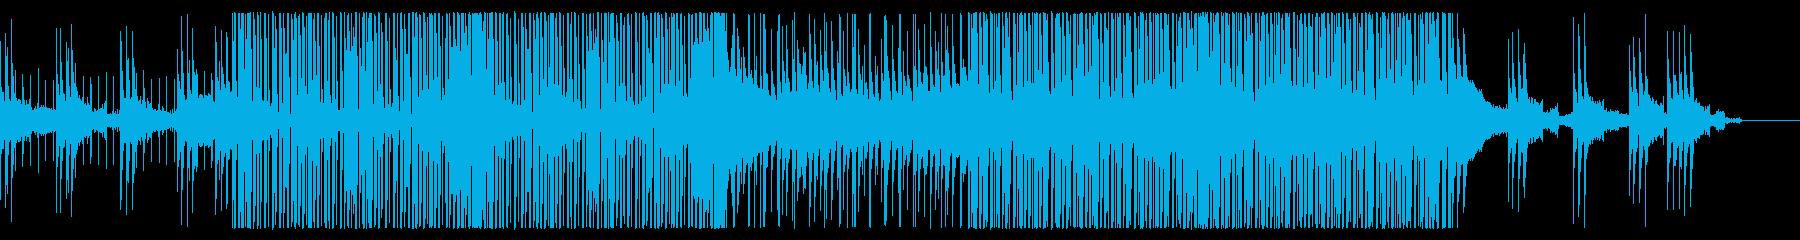 爽やかトロピカルハウス/夏と海のポップの再生済みの波形